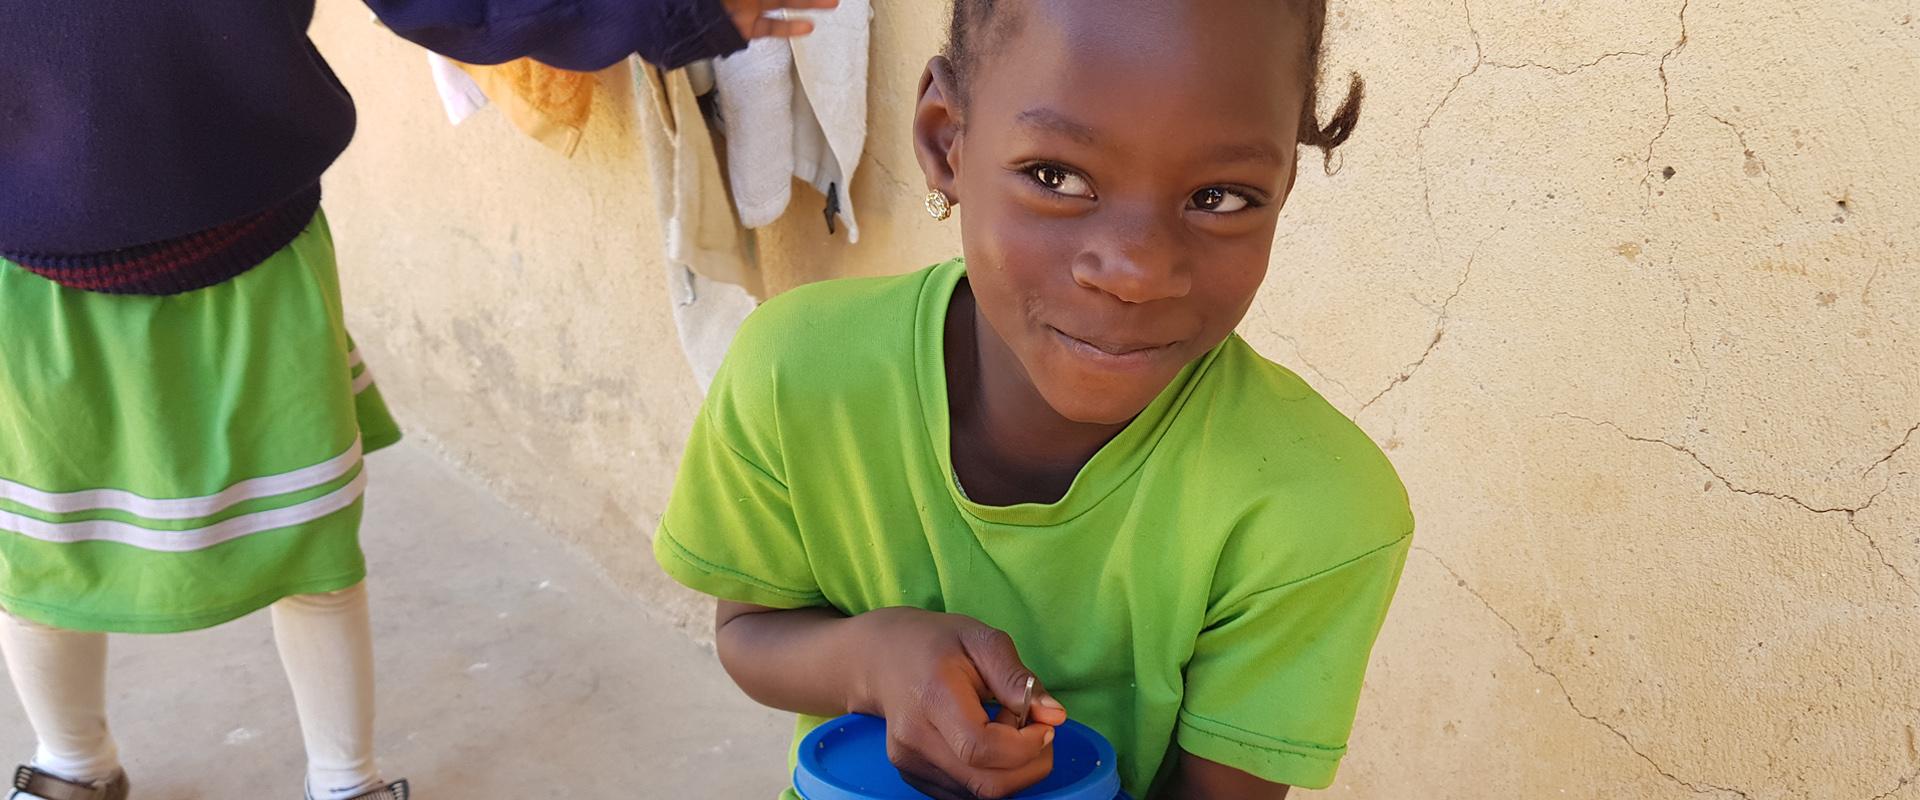 Geef getraumatiseerde kinderen in Nigeria een hoopvolle toekomst